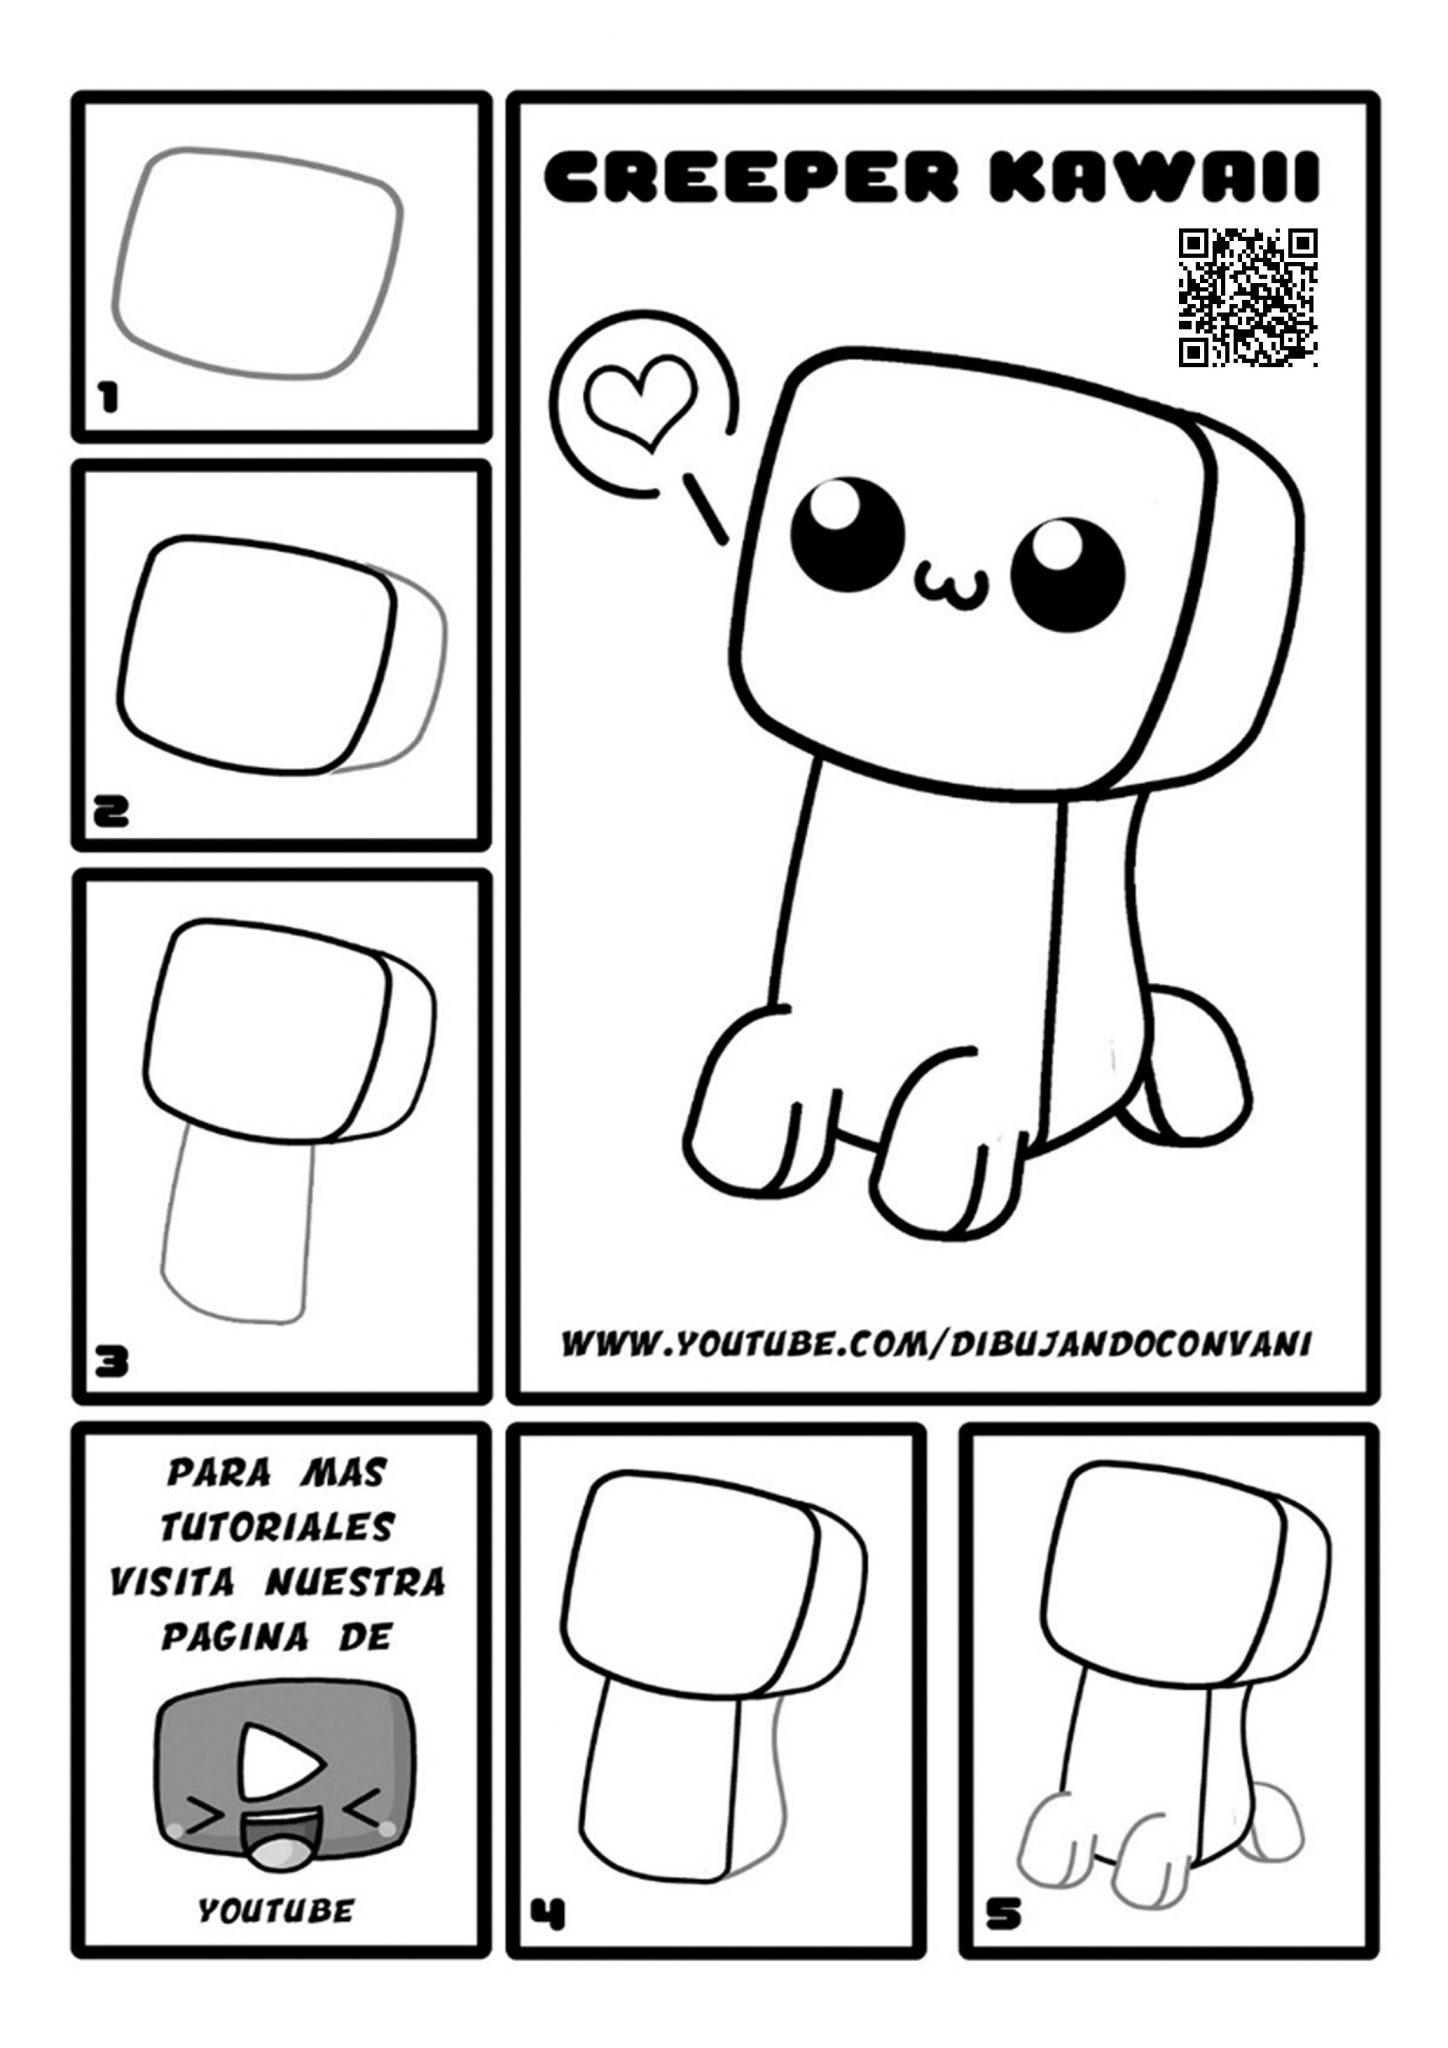 Como dibujar paso a paso kawaii - Dibujos faciles ...